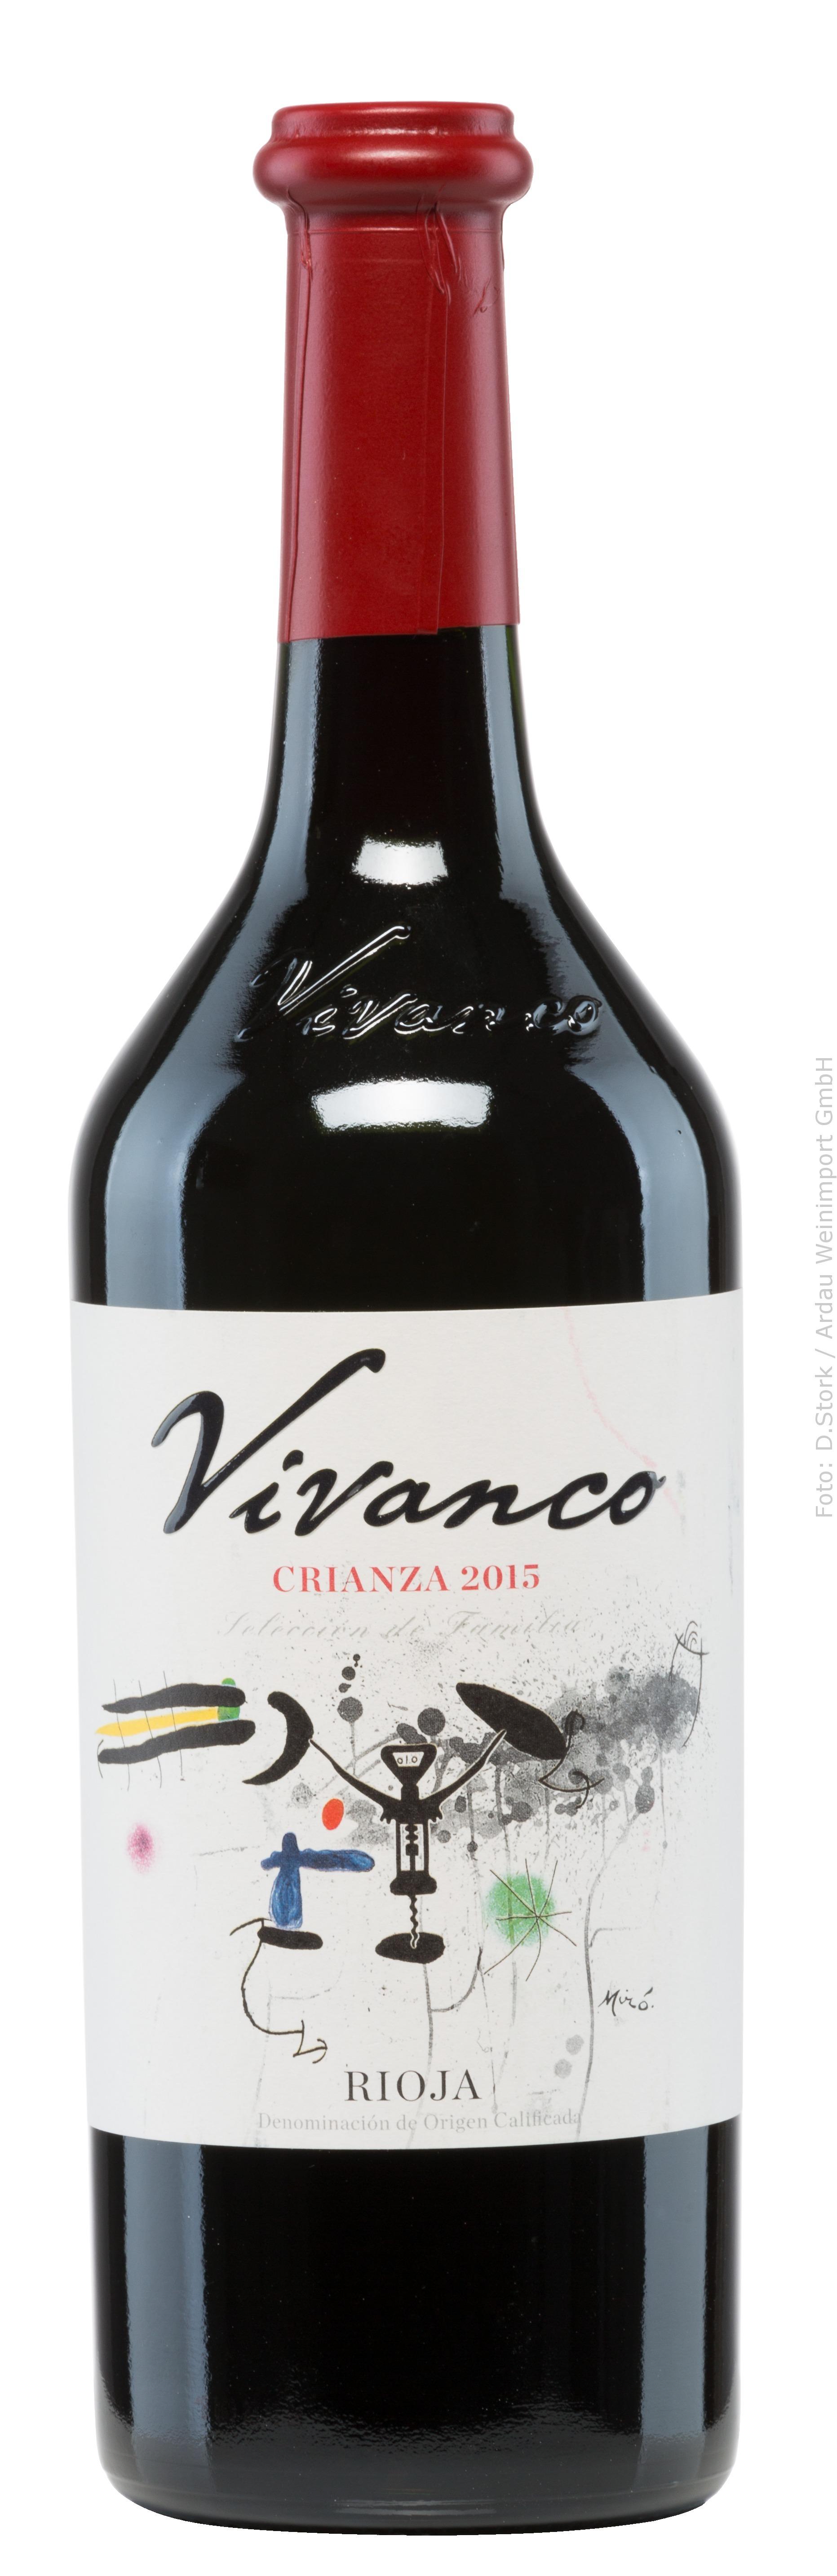 Vivanco | Crianza